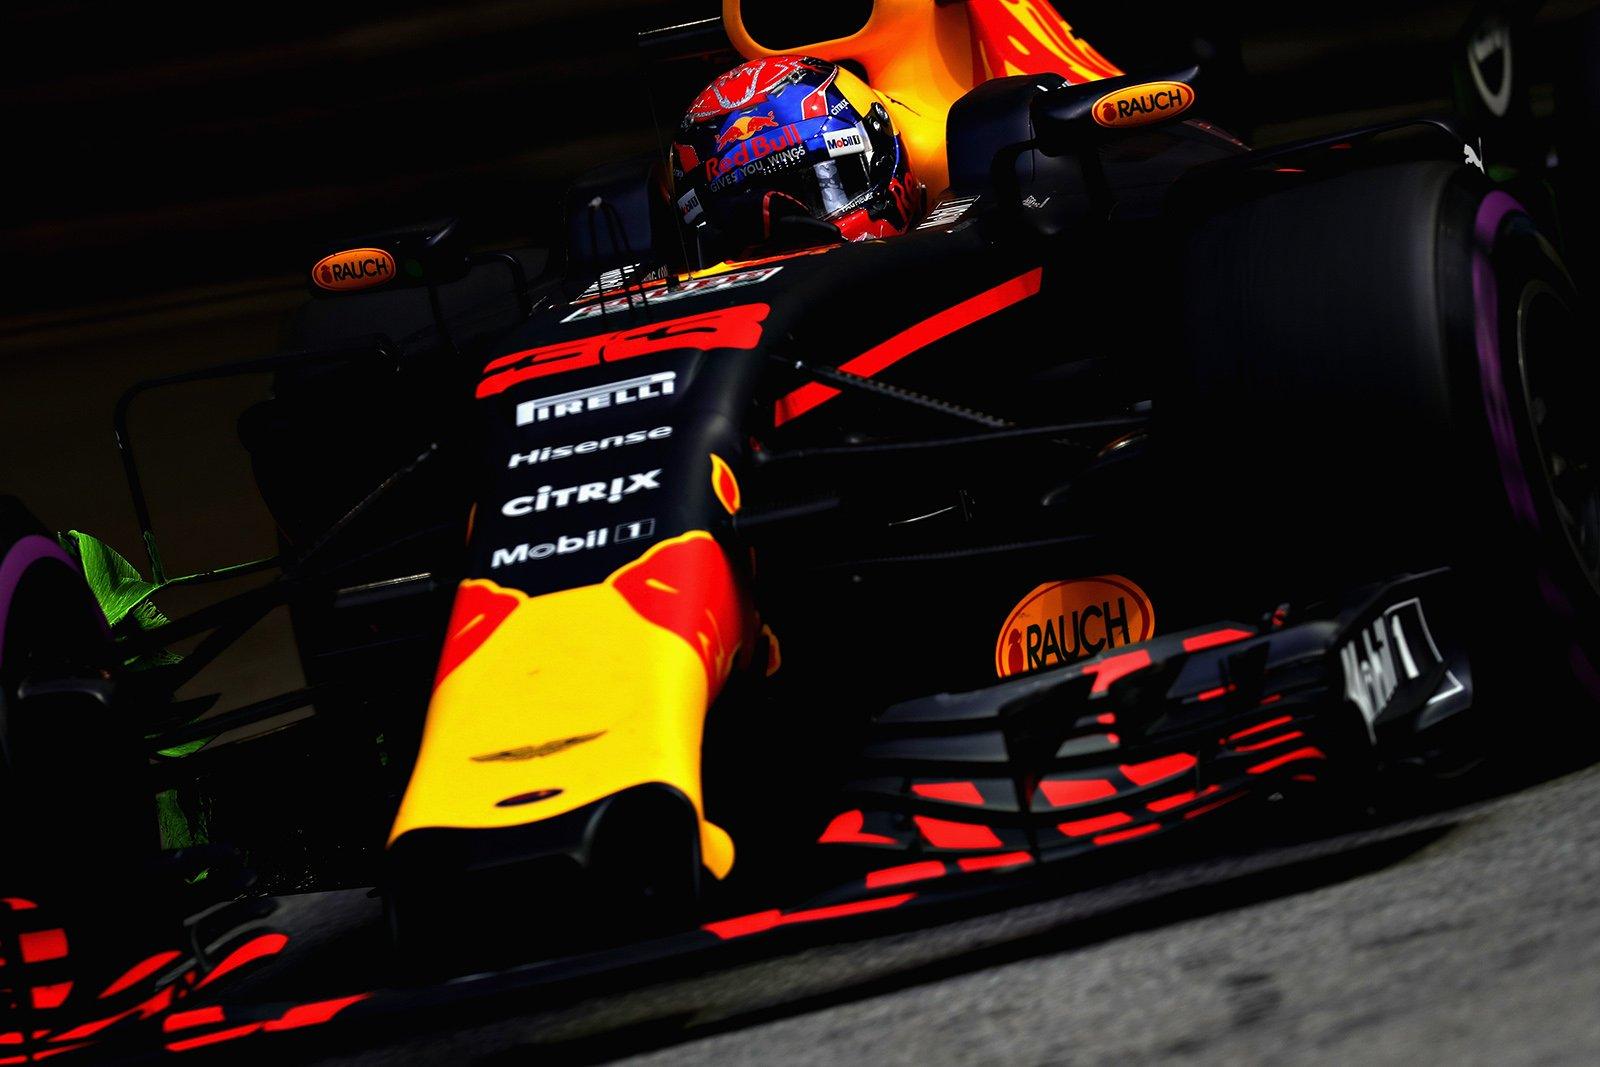 Гран-при Сингапура: Феттель, Райкконен, Ферстаппен иКвят попали вДТП, одержал победу  Хэмилтон